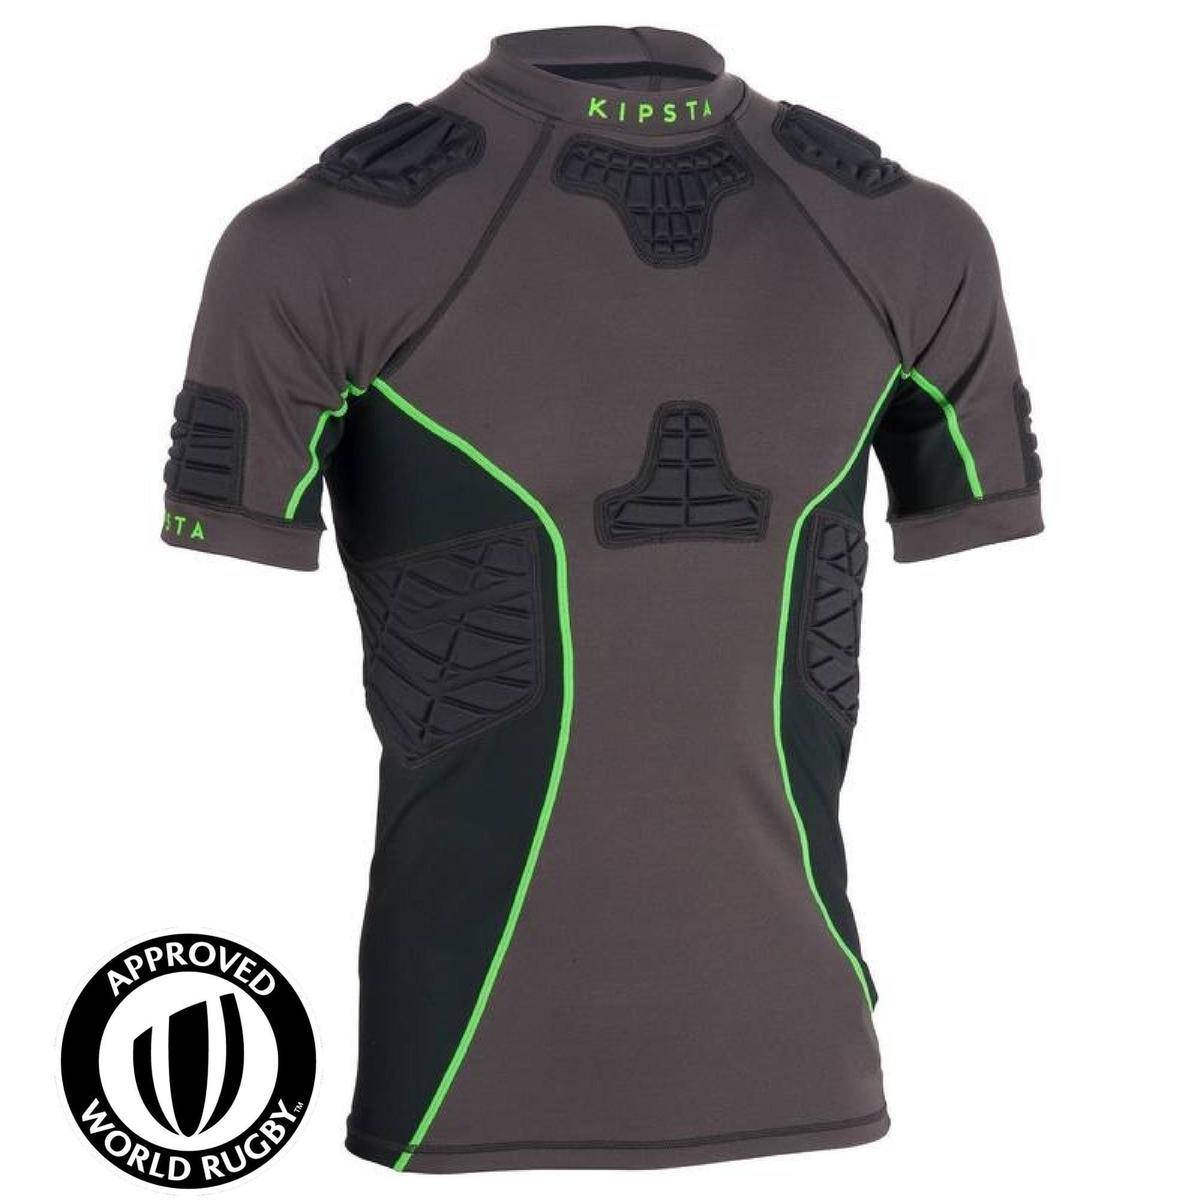 Bild 1 von Rugby-Schulterschutz Full H 900 Erwachsene grau/grün